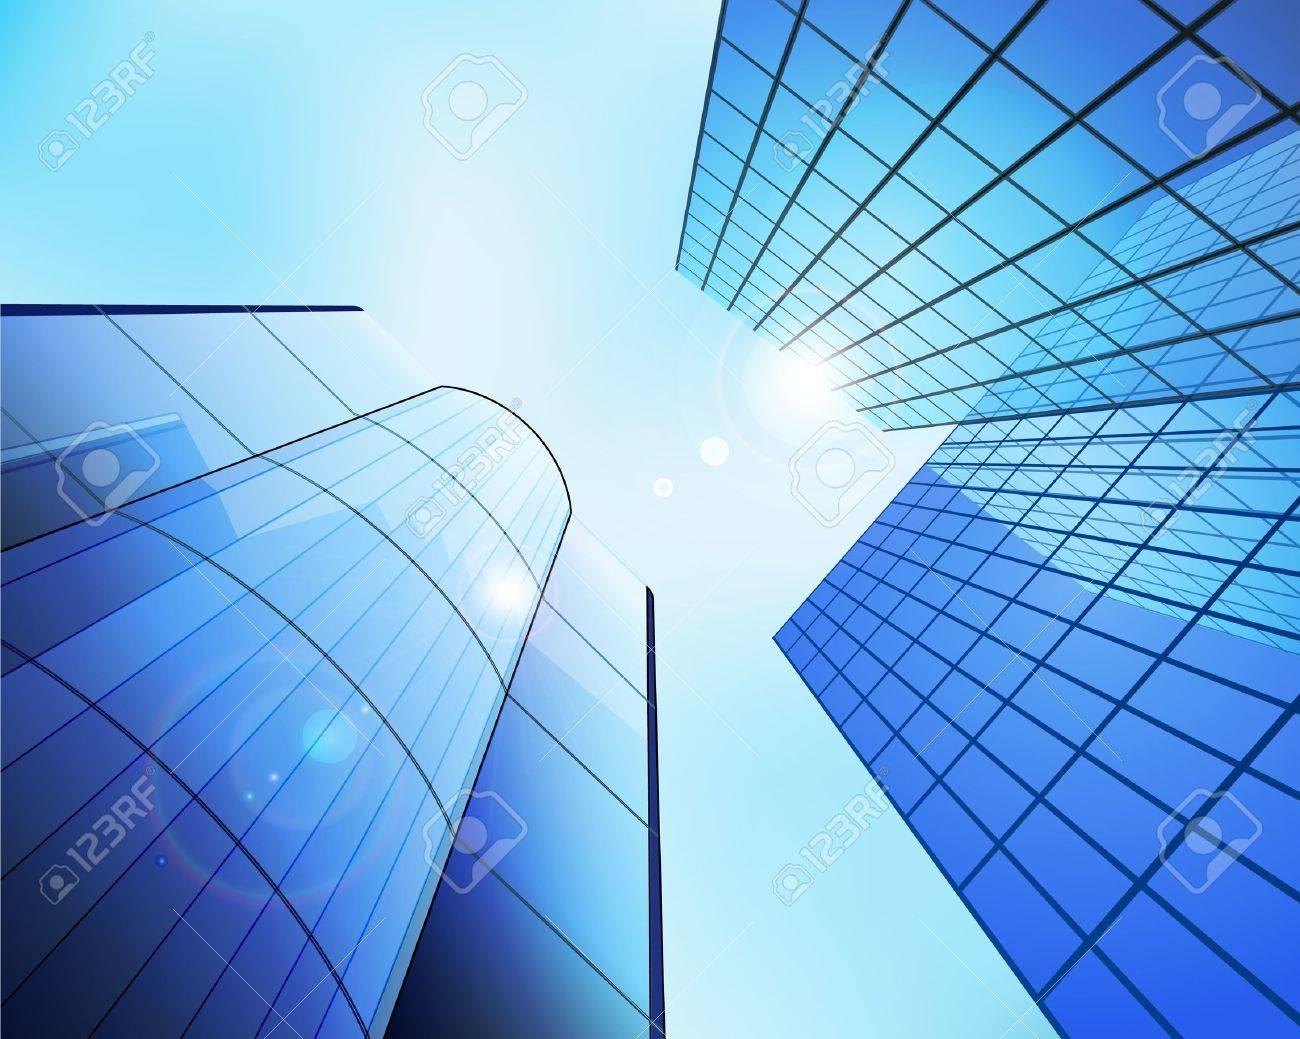 Business center. - 11167731